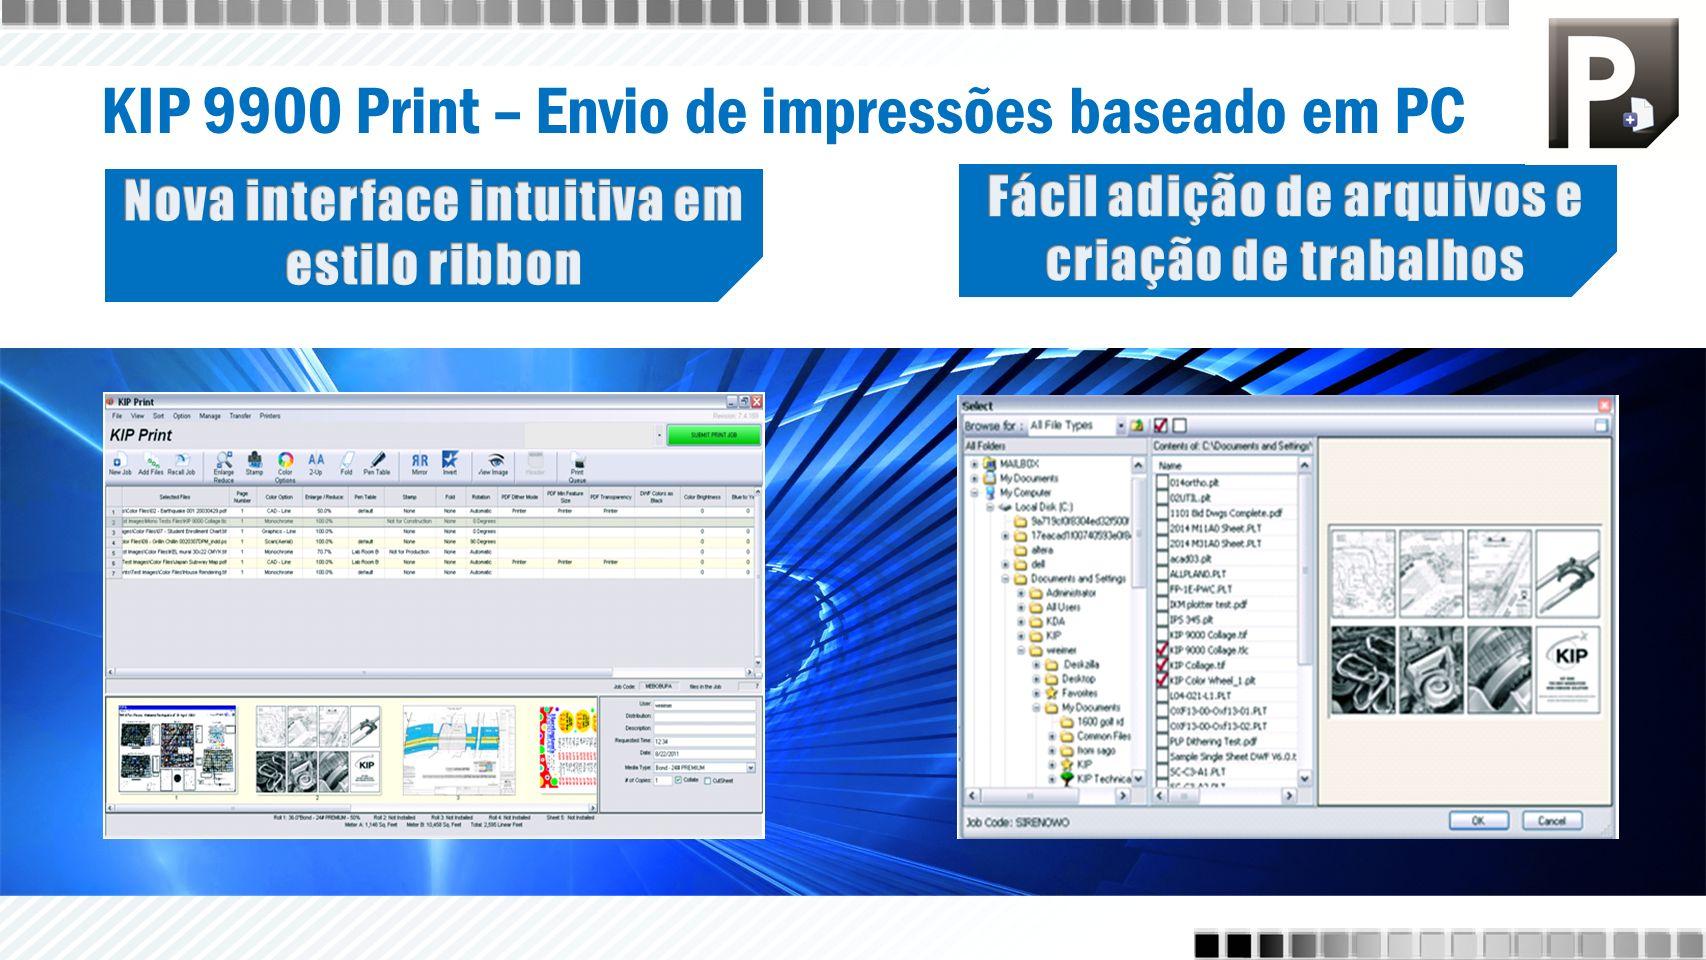 KIP 9900 Print – Envio de impressões baseado em PC